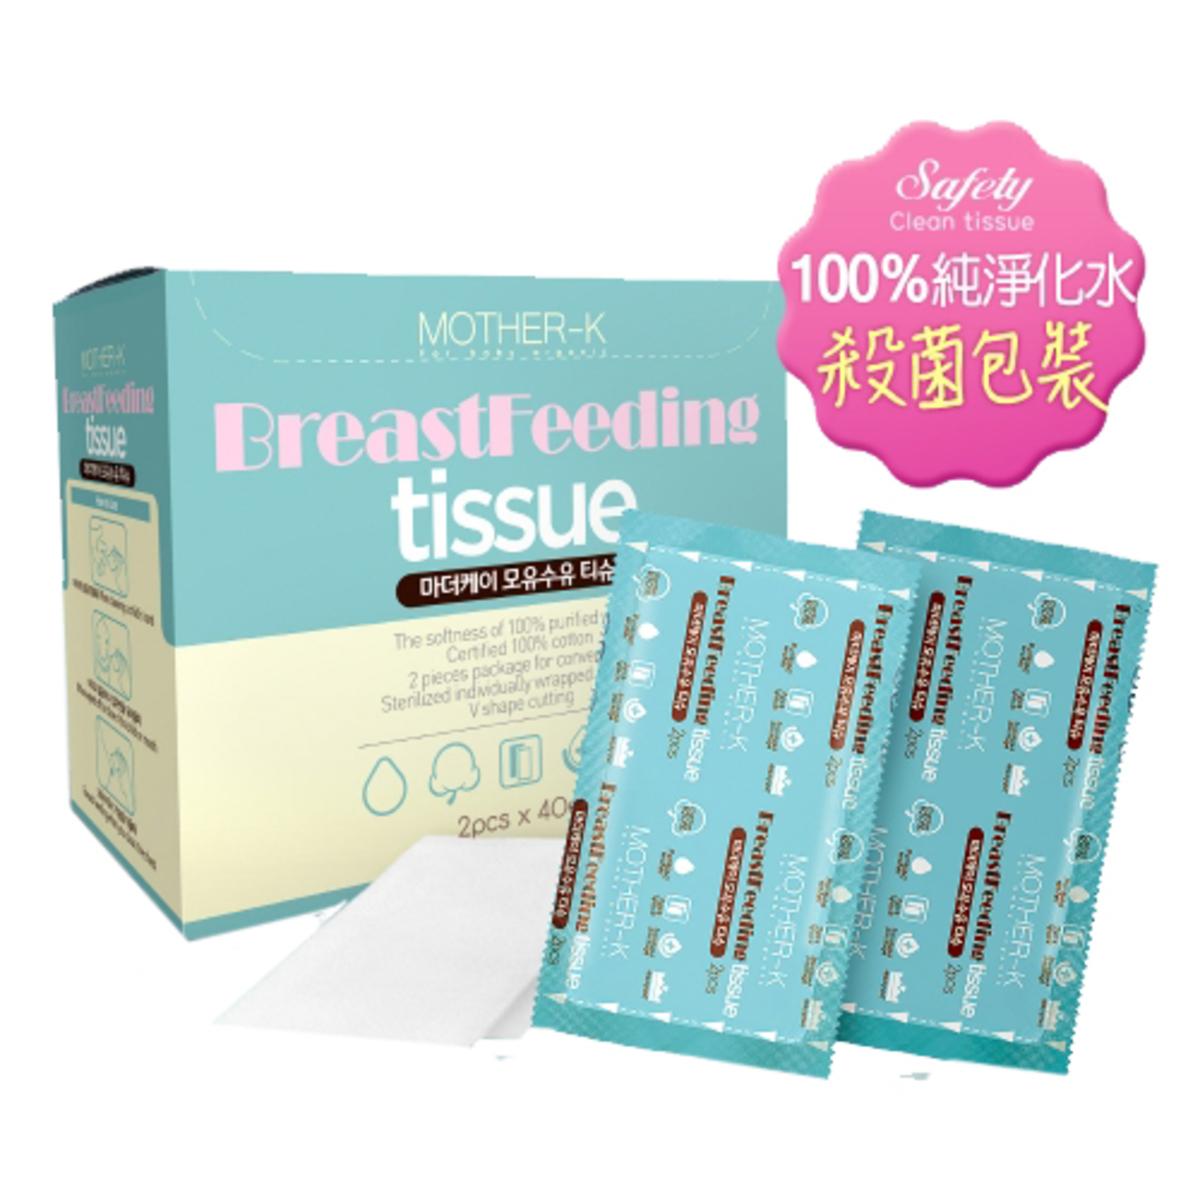 哺育清潔棉片/安全清潔棉片(2片x40包)